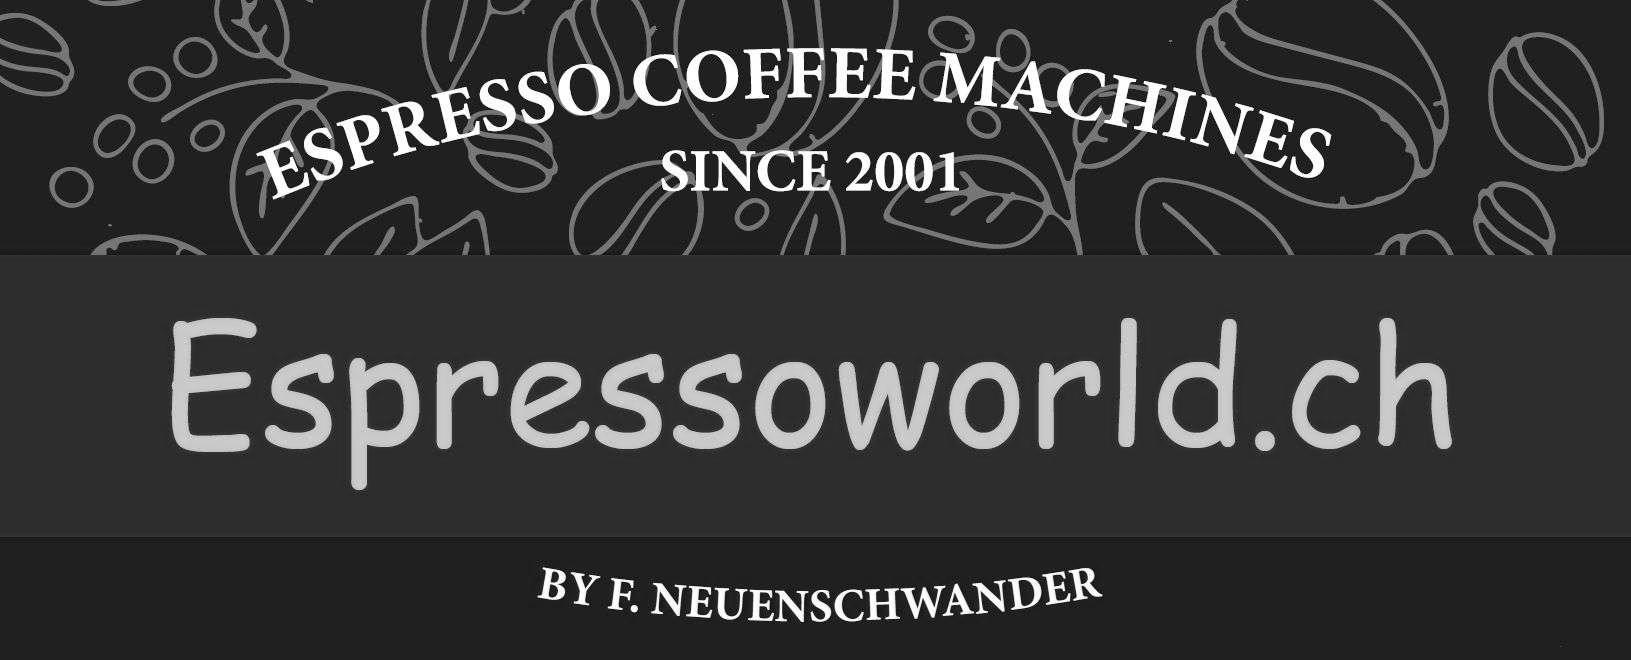 ESPRESSO COFFEE MACHINES SINCE 2001 Espressoworld.ch BY F. NEUENSCHWANDER